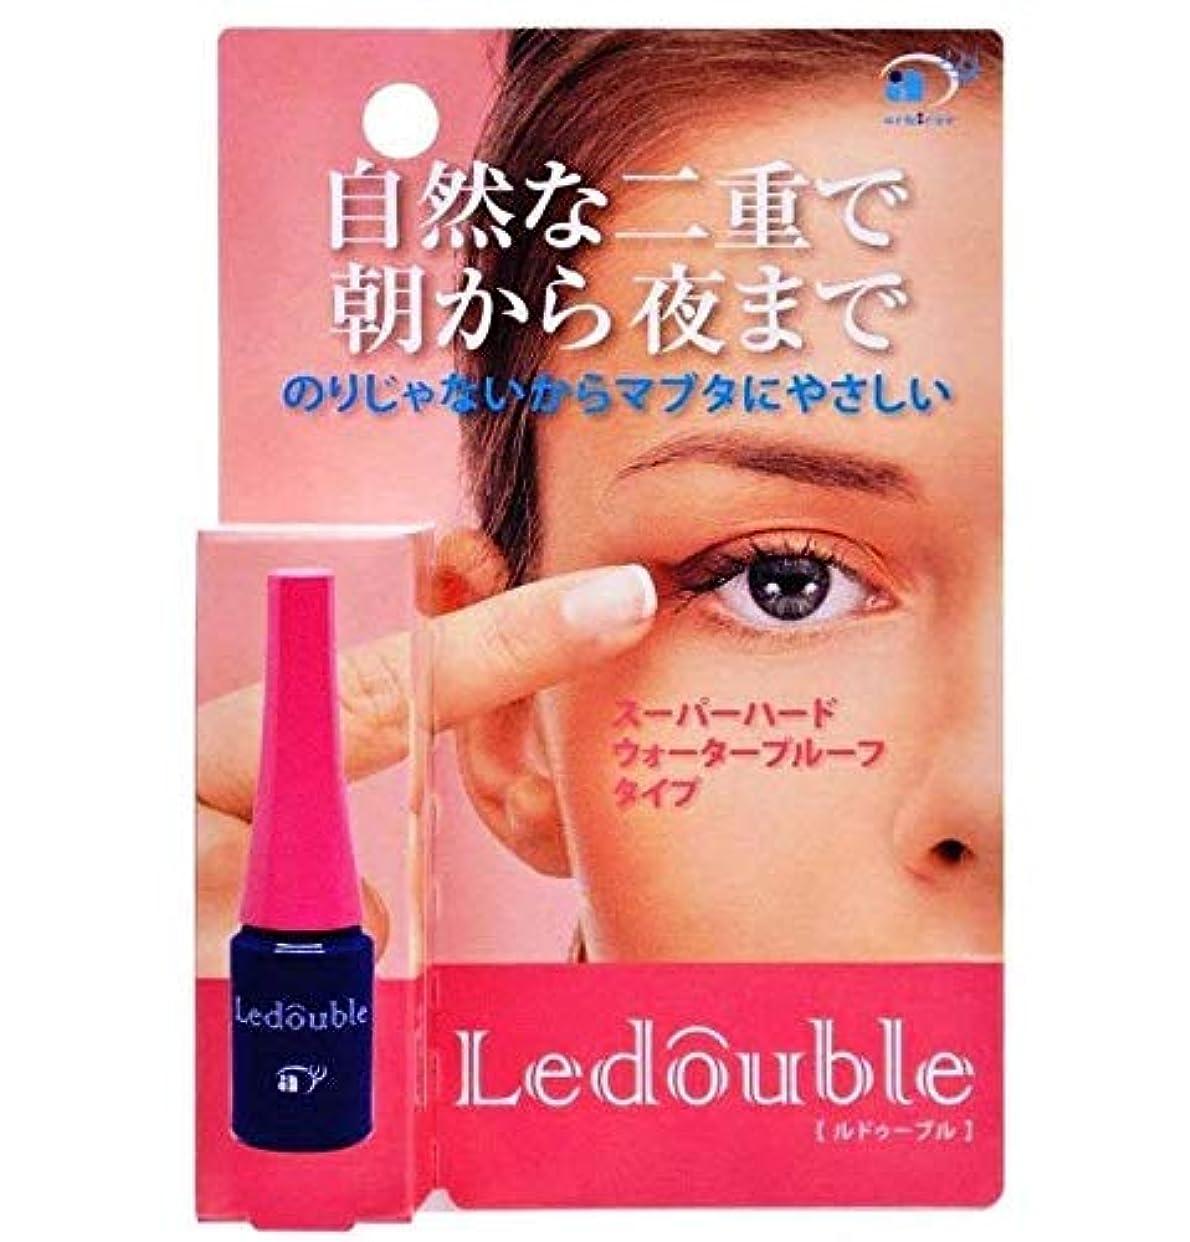 順応性グローバル真空ルドゥーブル 2mL 二重まぶた 化粧品